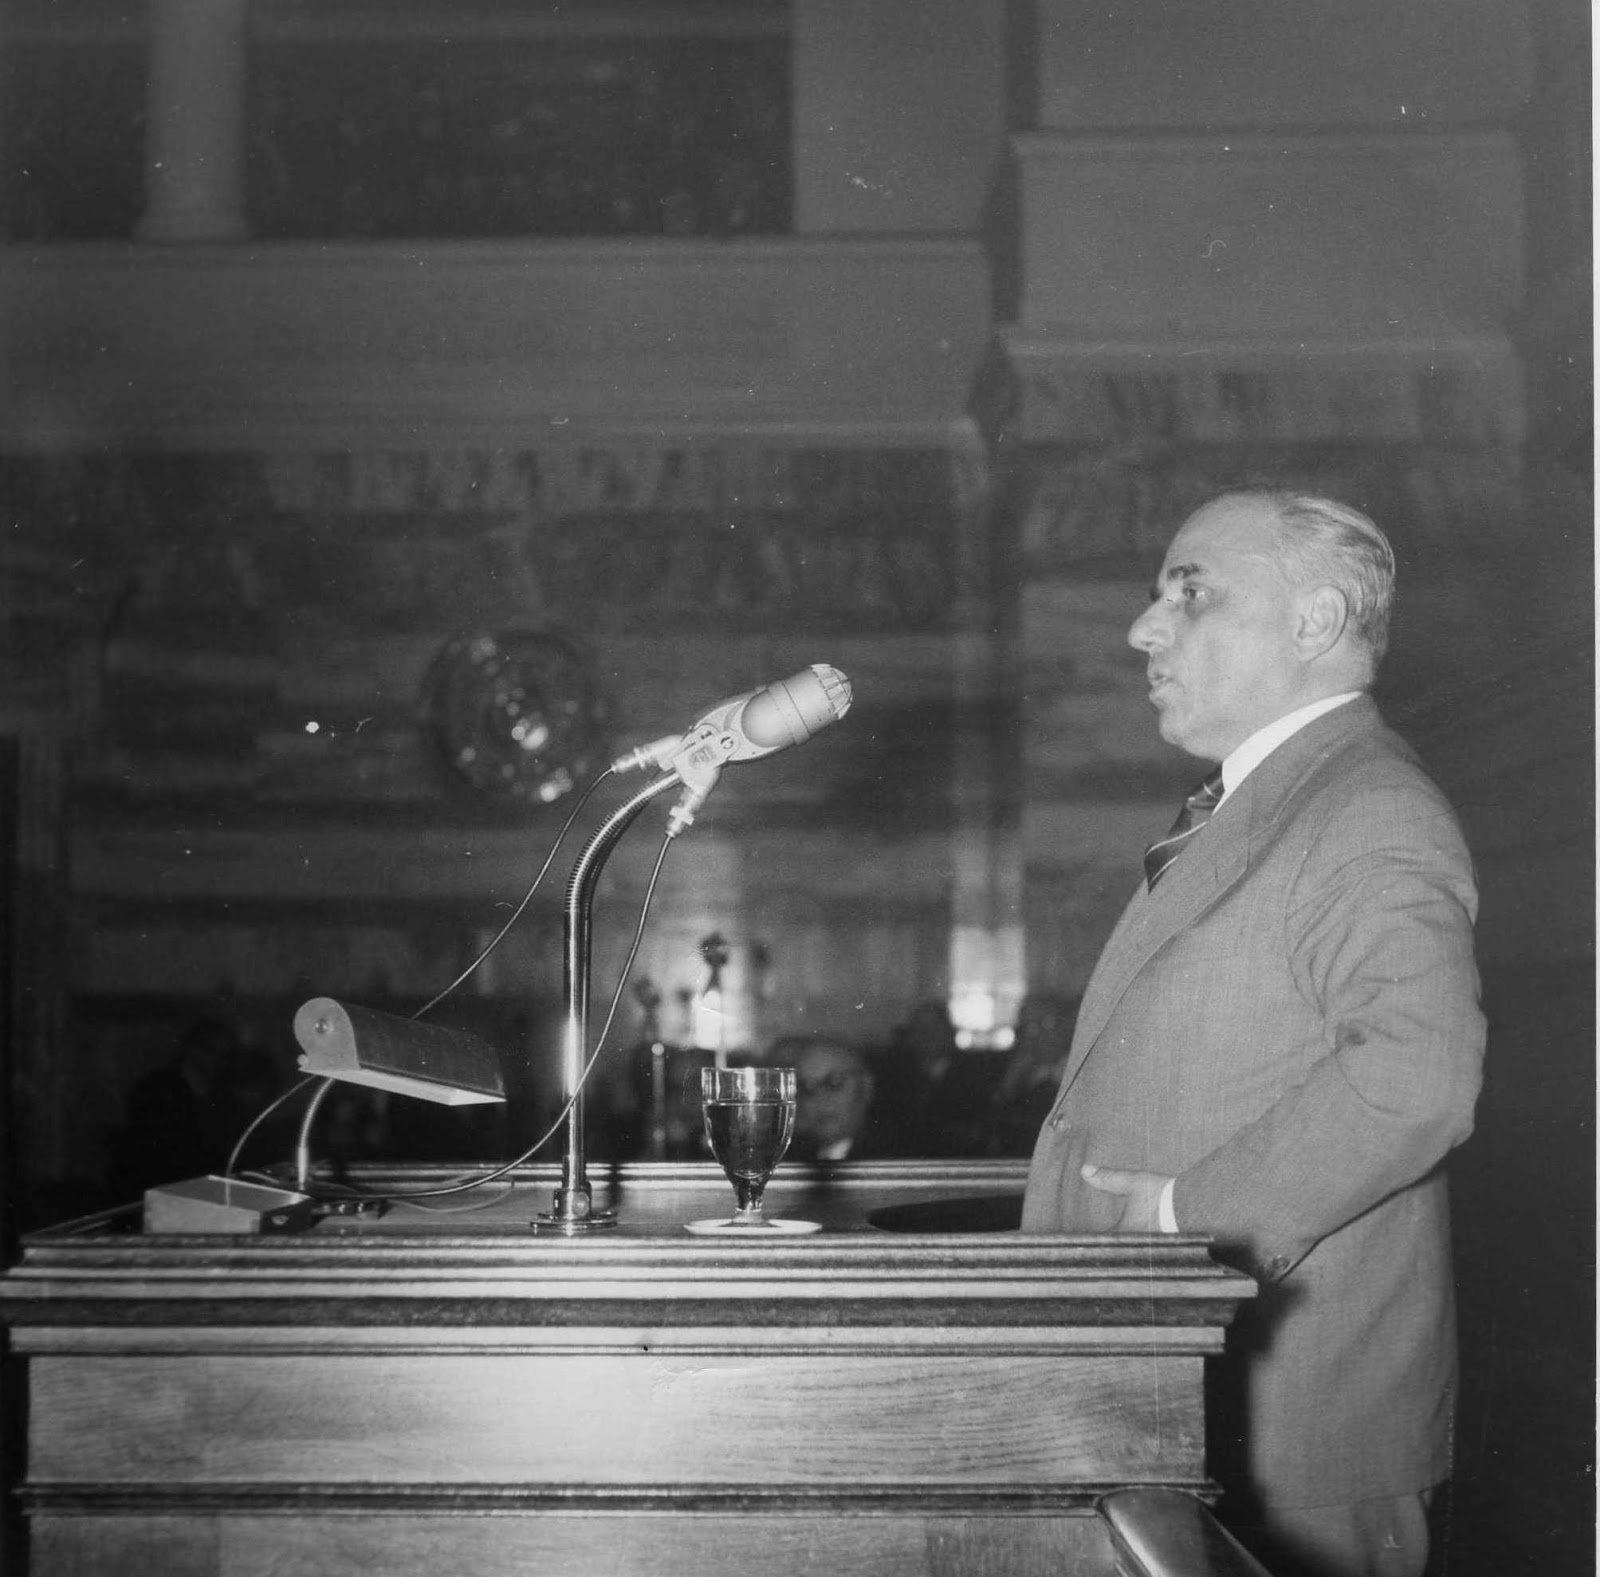 Αλέξανδρος Μπαλτατζής: Μνημόσυνο προς τιμή του στην Ξάνθη